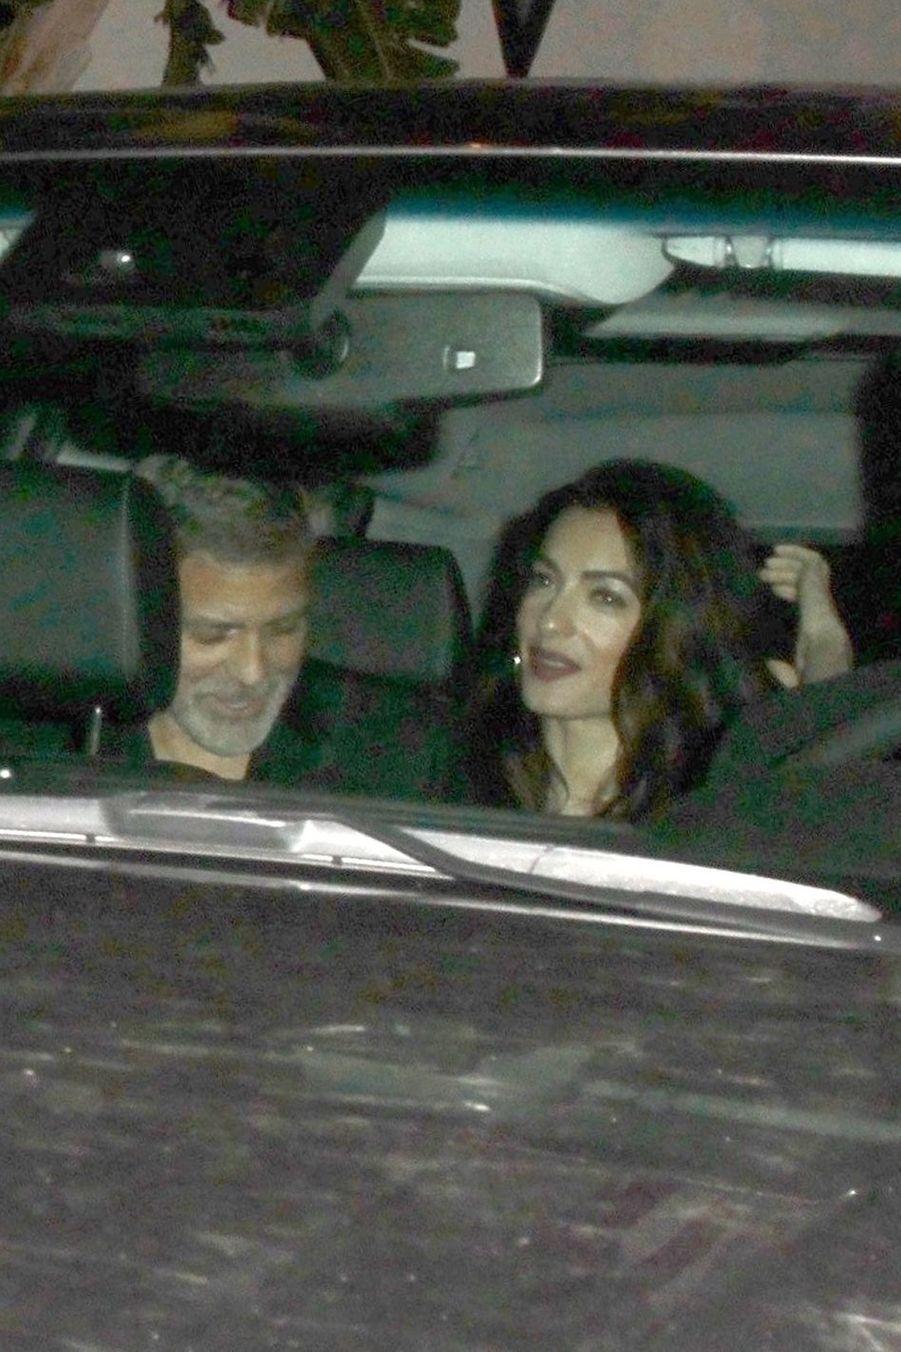 George et Amal Clooney à la soirée d'anniversaire de Jennifer Aniston à Los Angeles le 9 février 2019